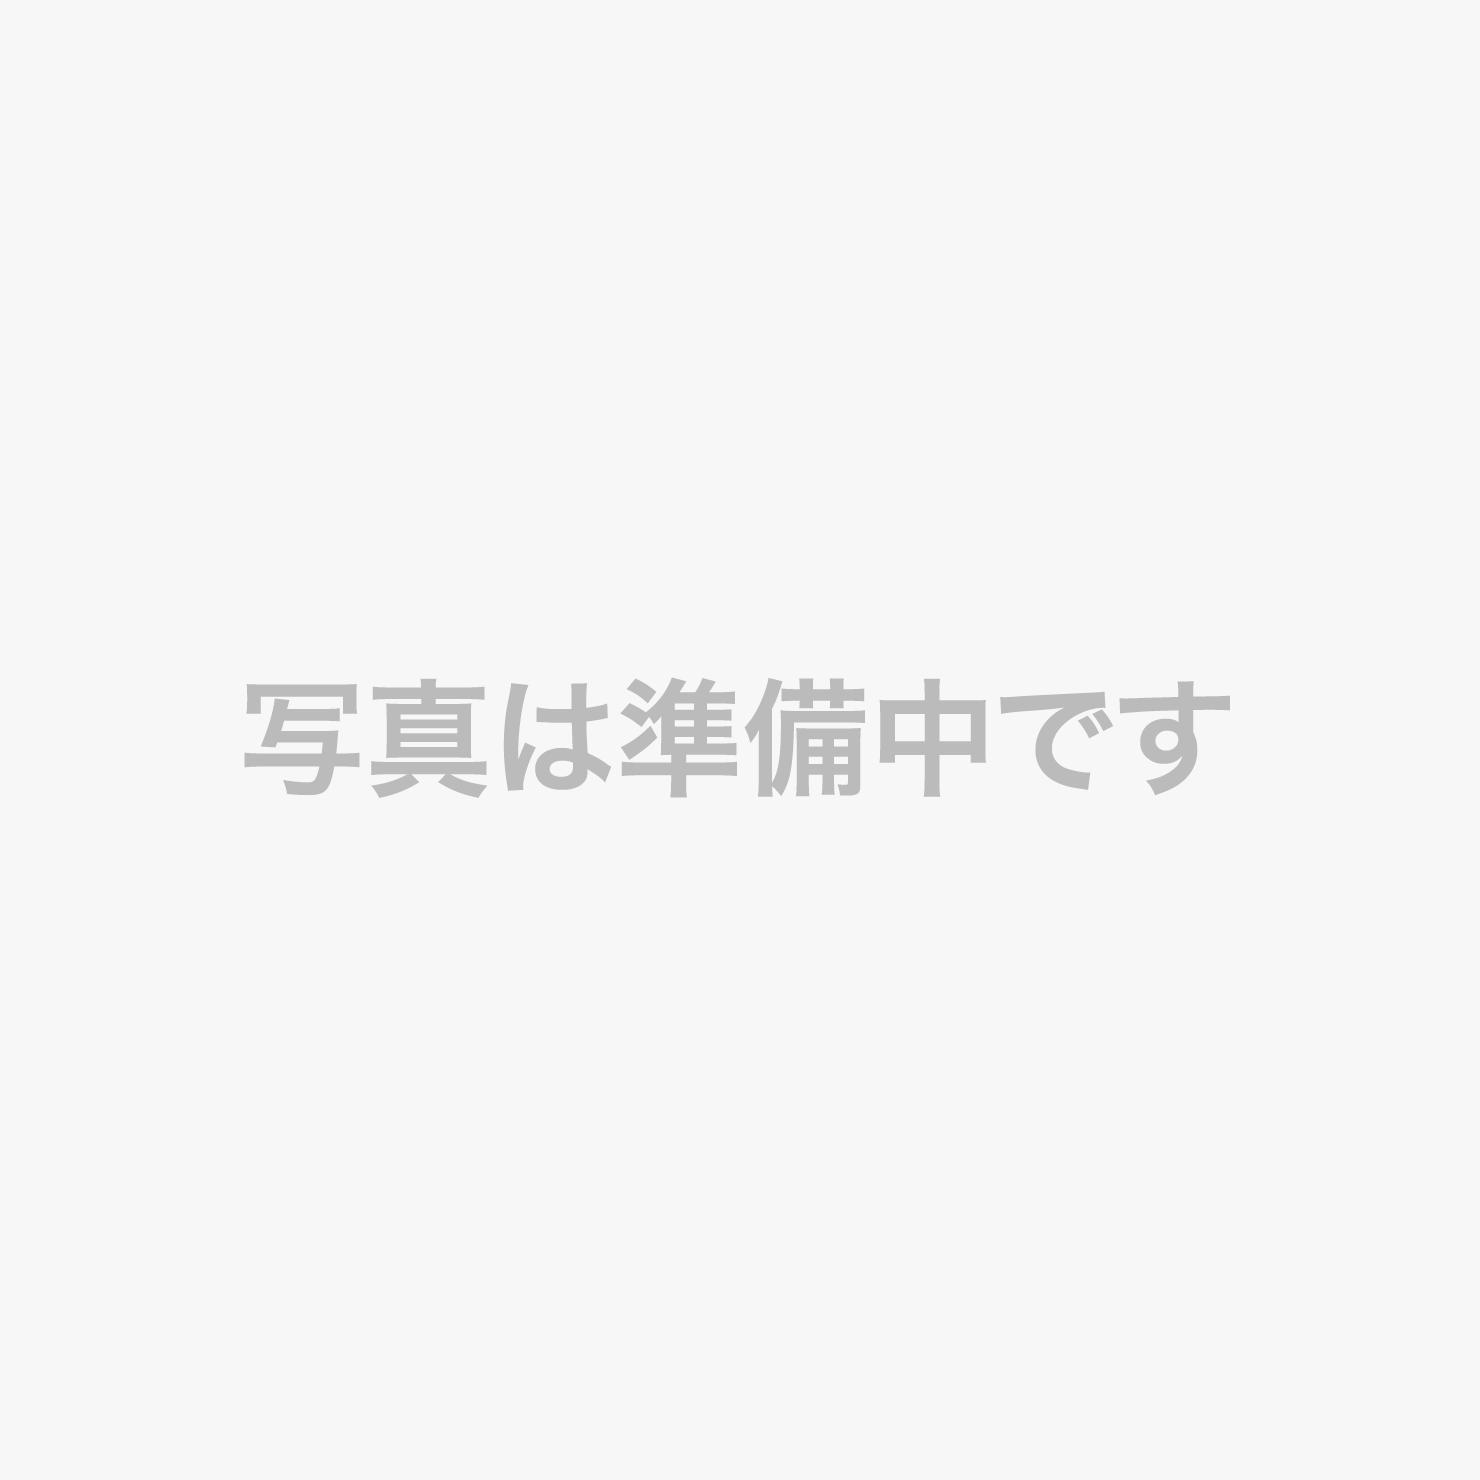 【ロンド】海の恵み 冬ごもりディナーコース